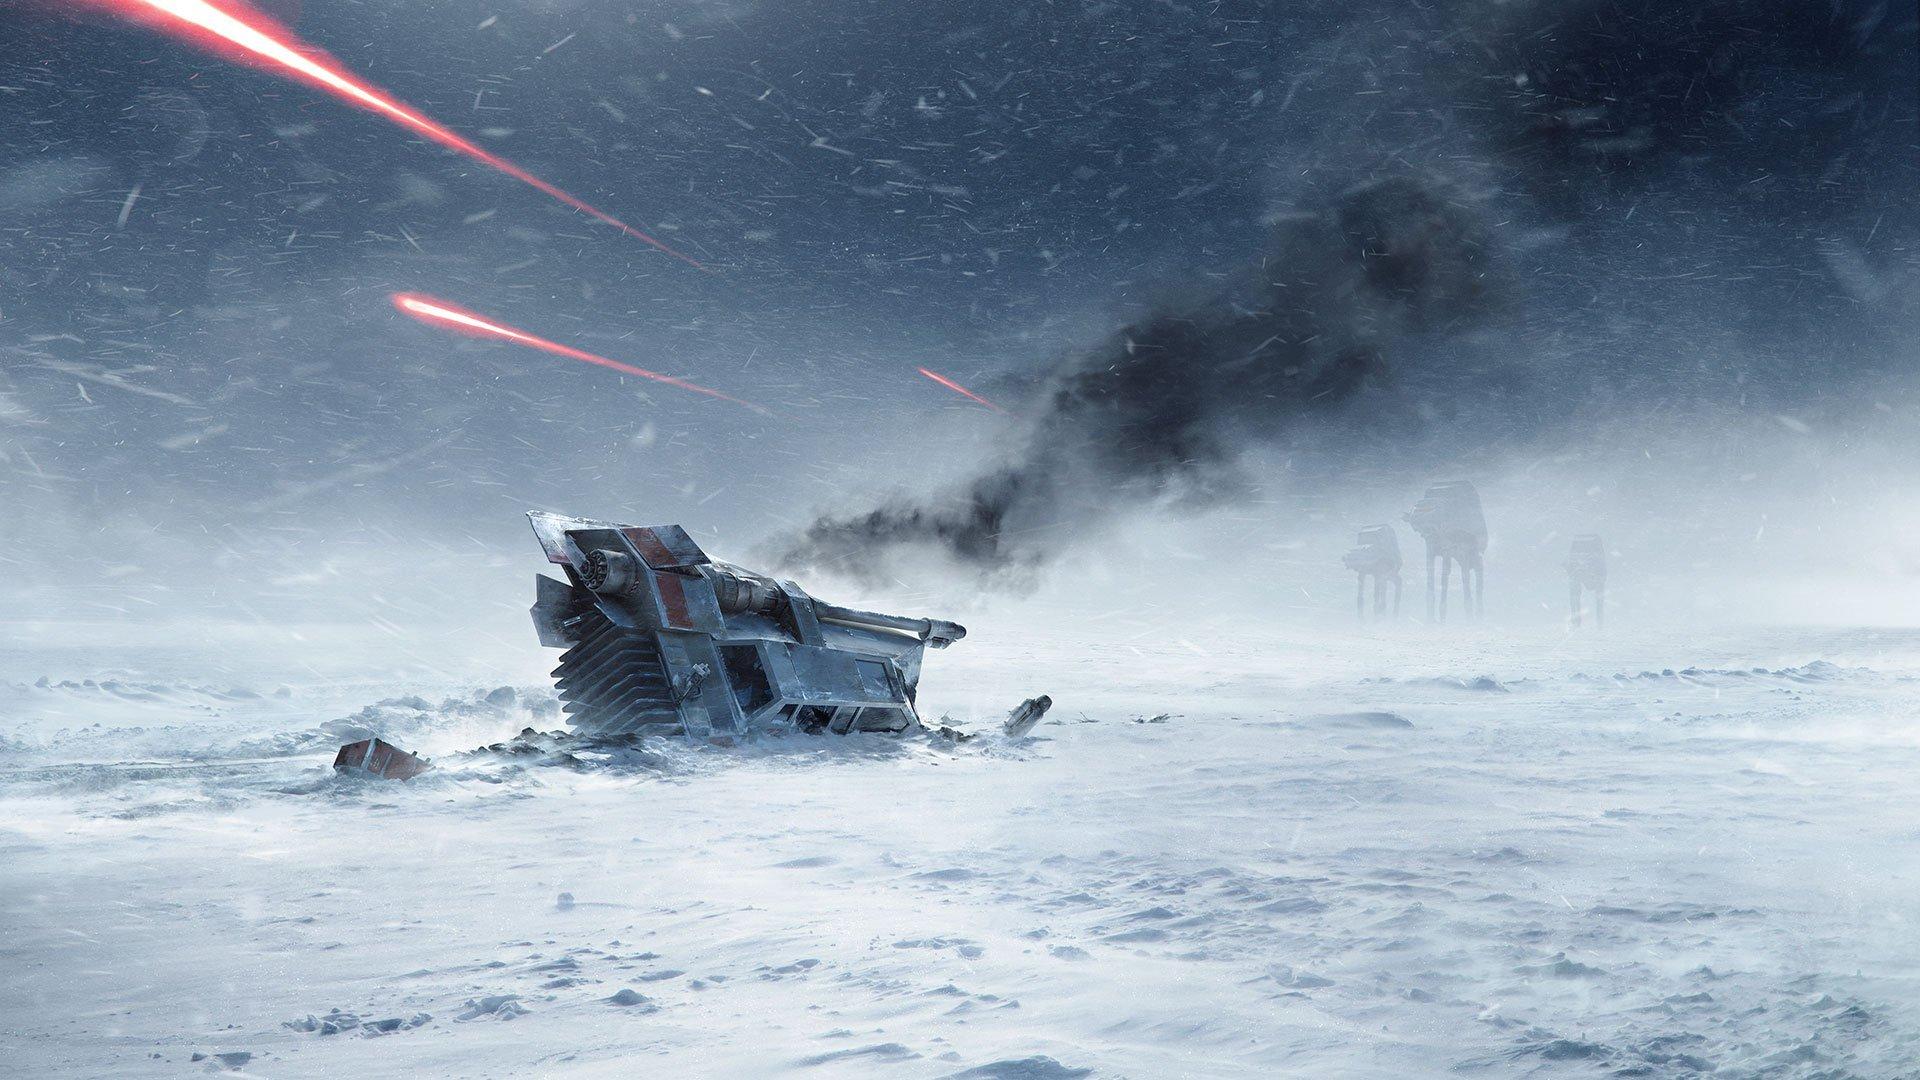 star wars battlefront preview review disgusting men отвратительные мужики звездные войны dice сетевая игра